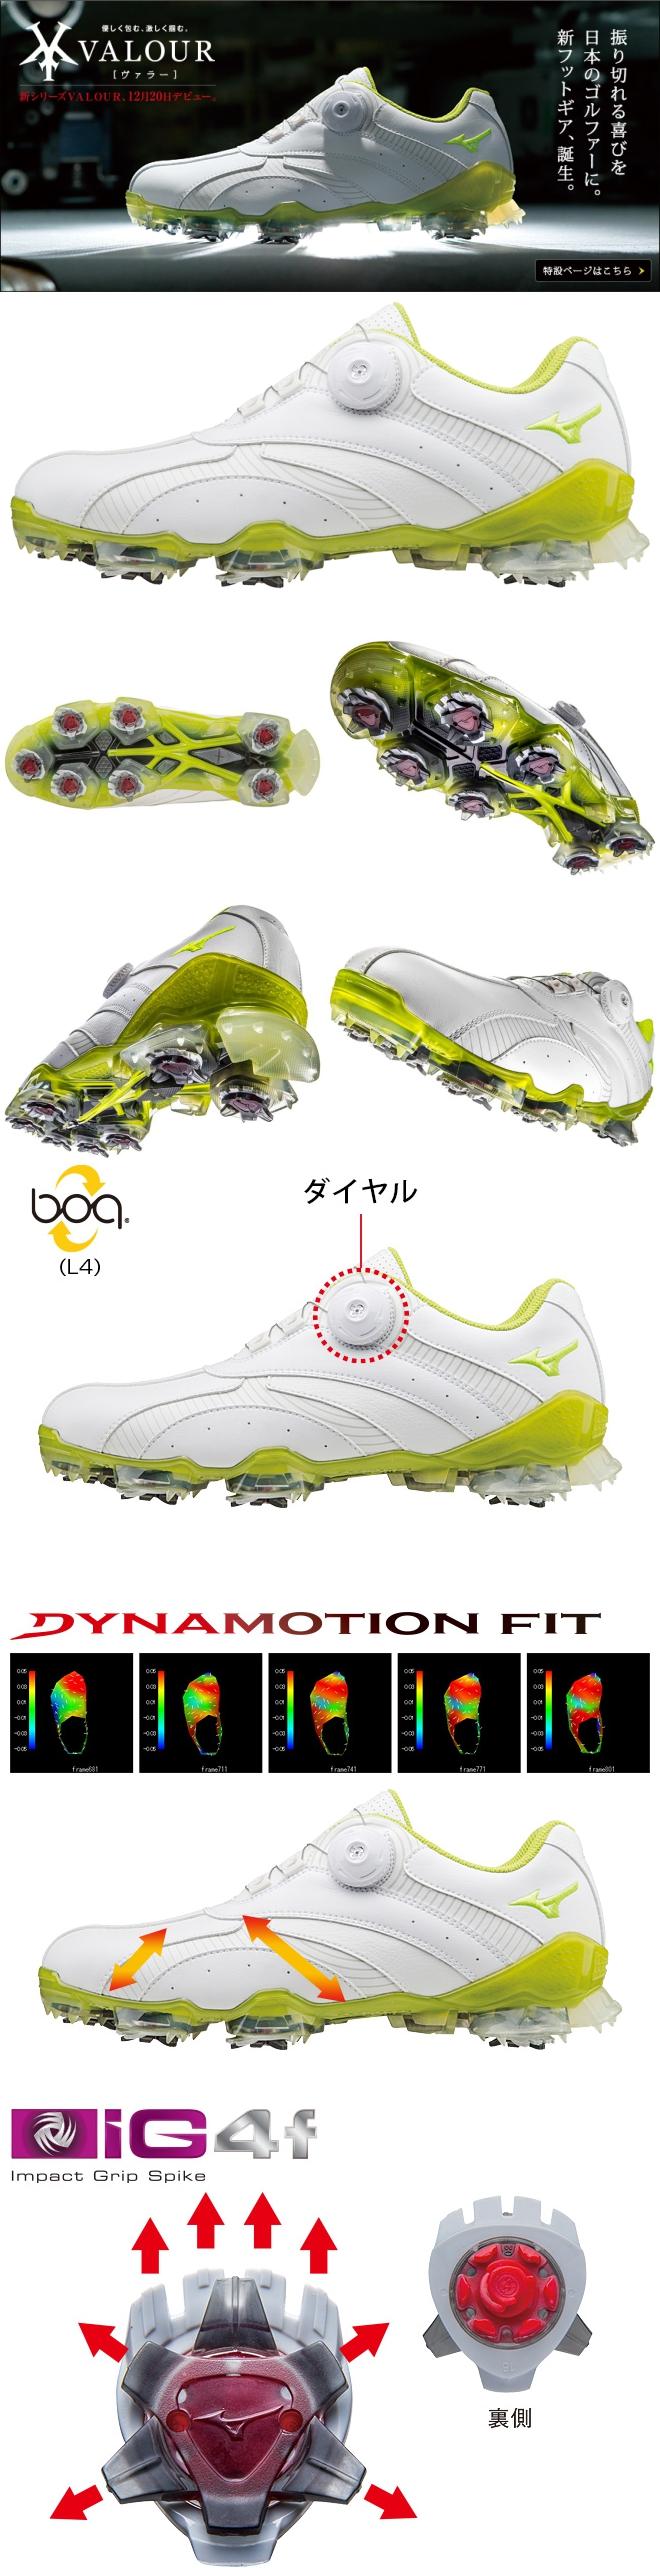 Mizuno Valour 001 Boa shoes